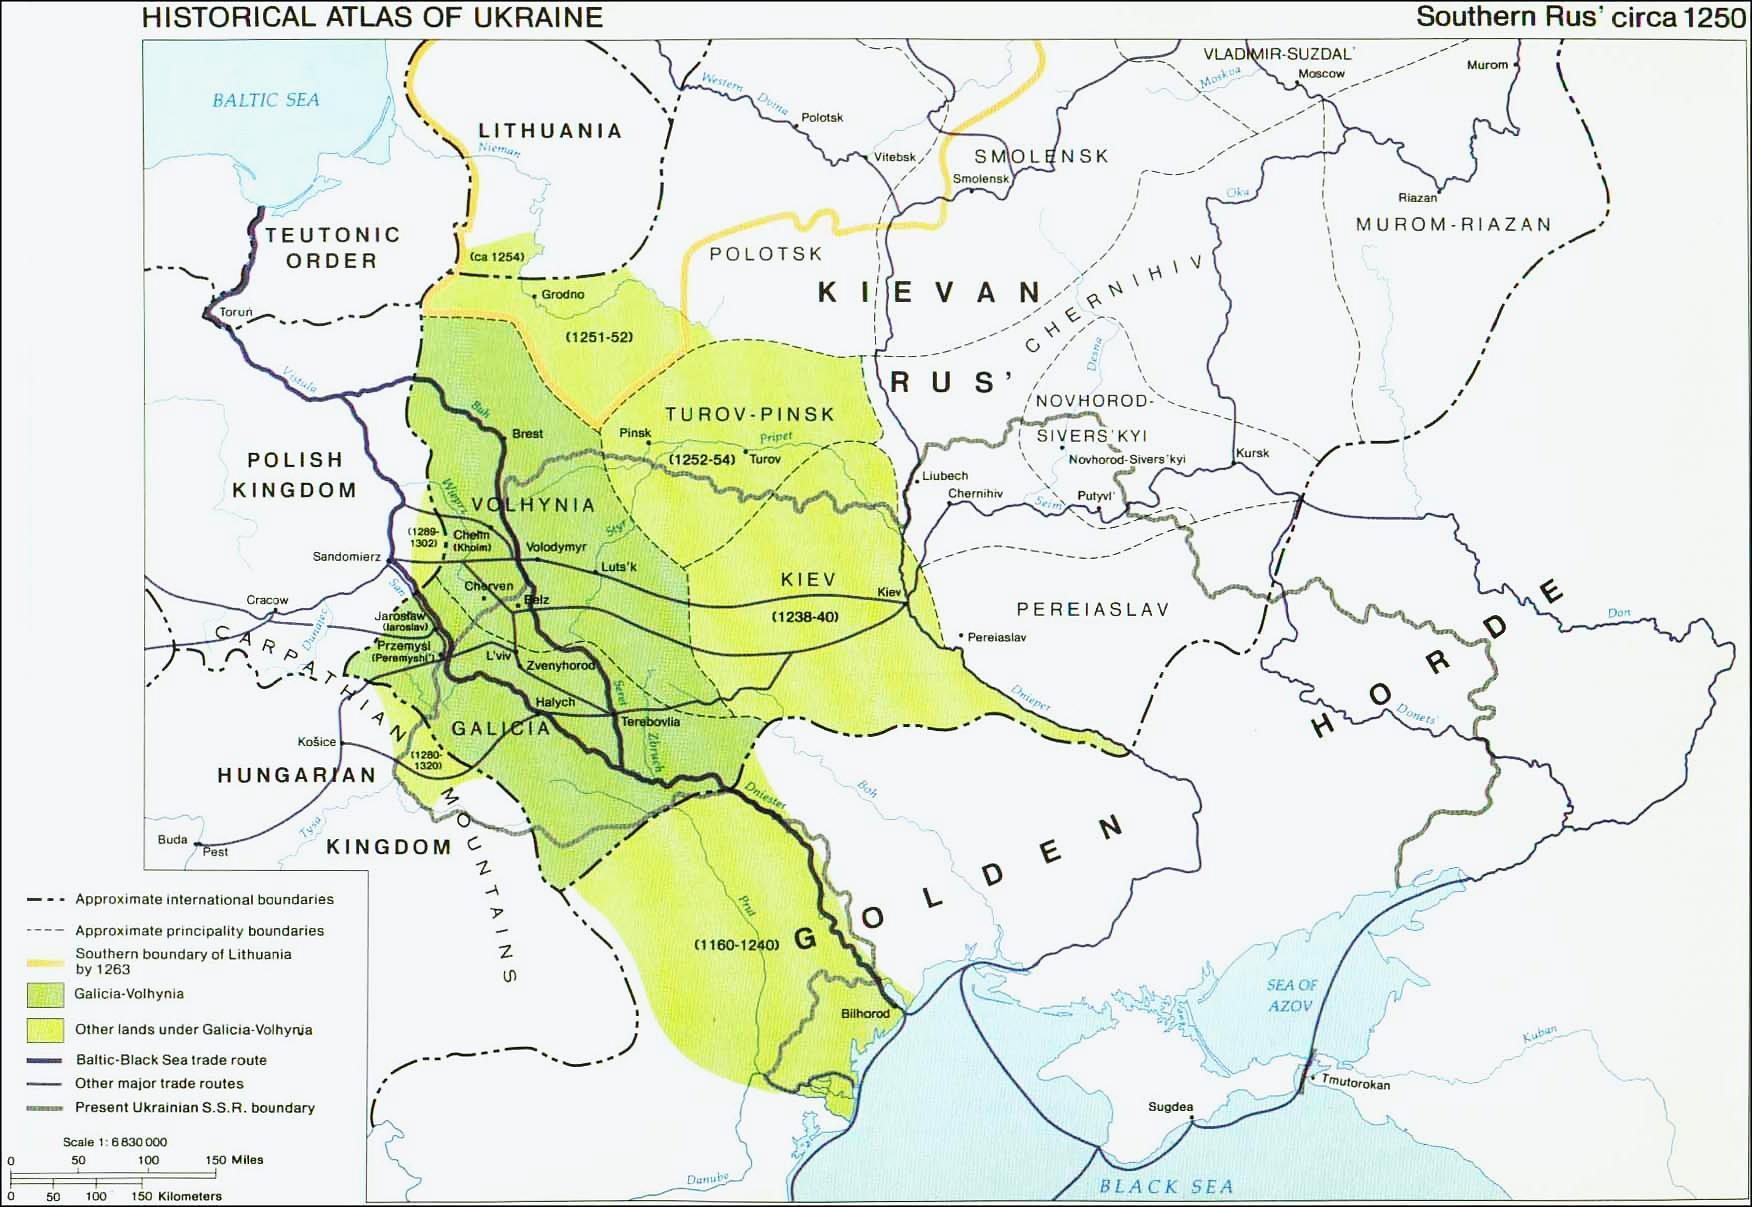 http://conflicts.rem33.com/images/Ukraine/halickarus_ukr.jpg